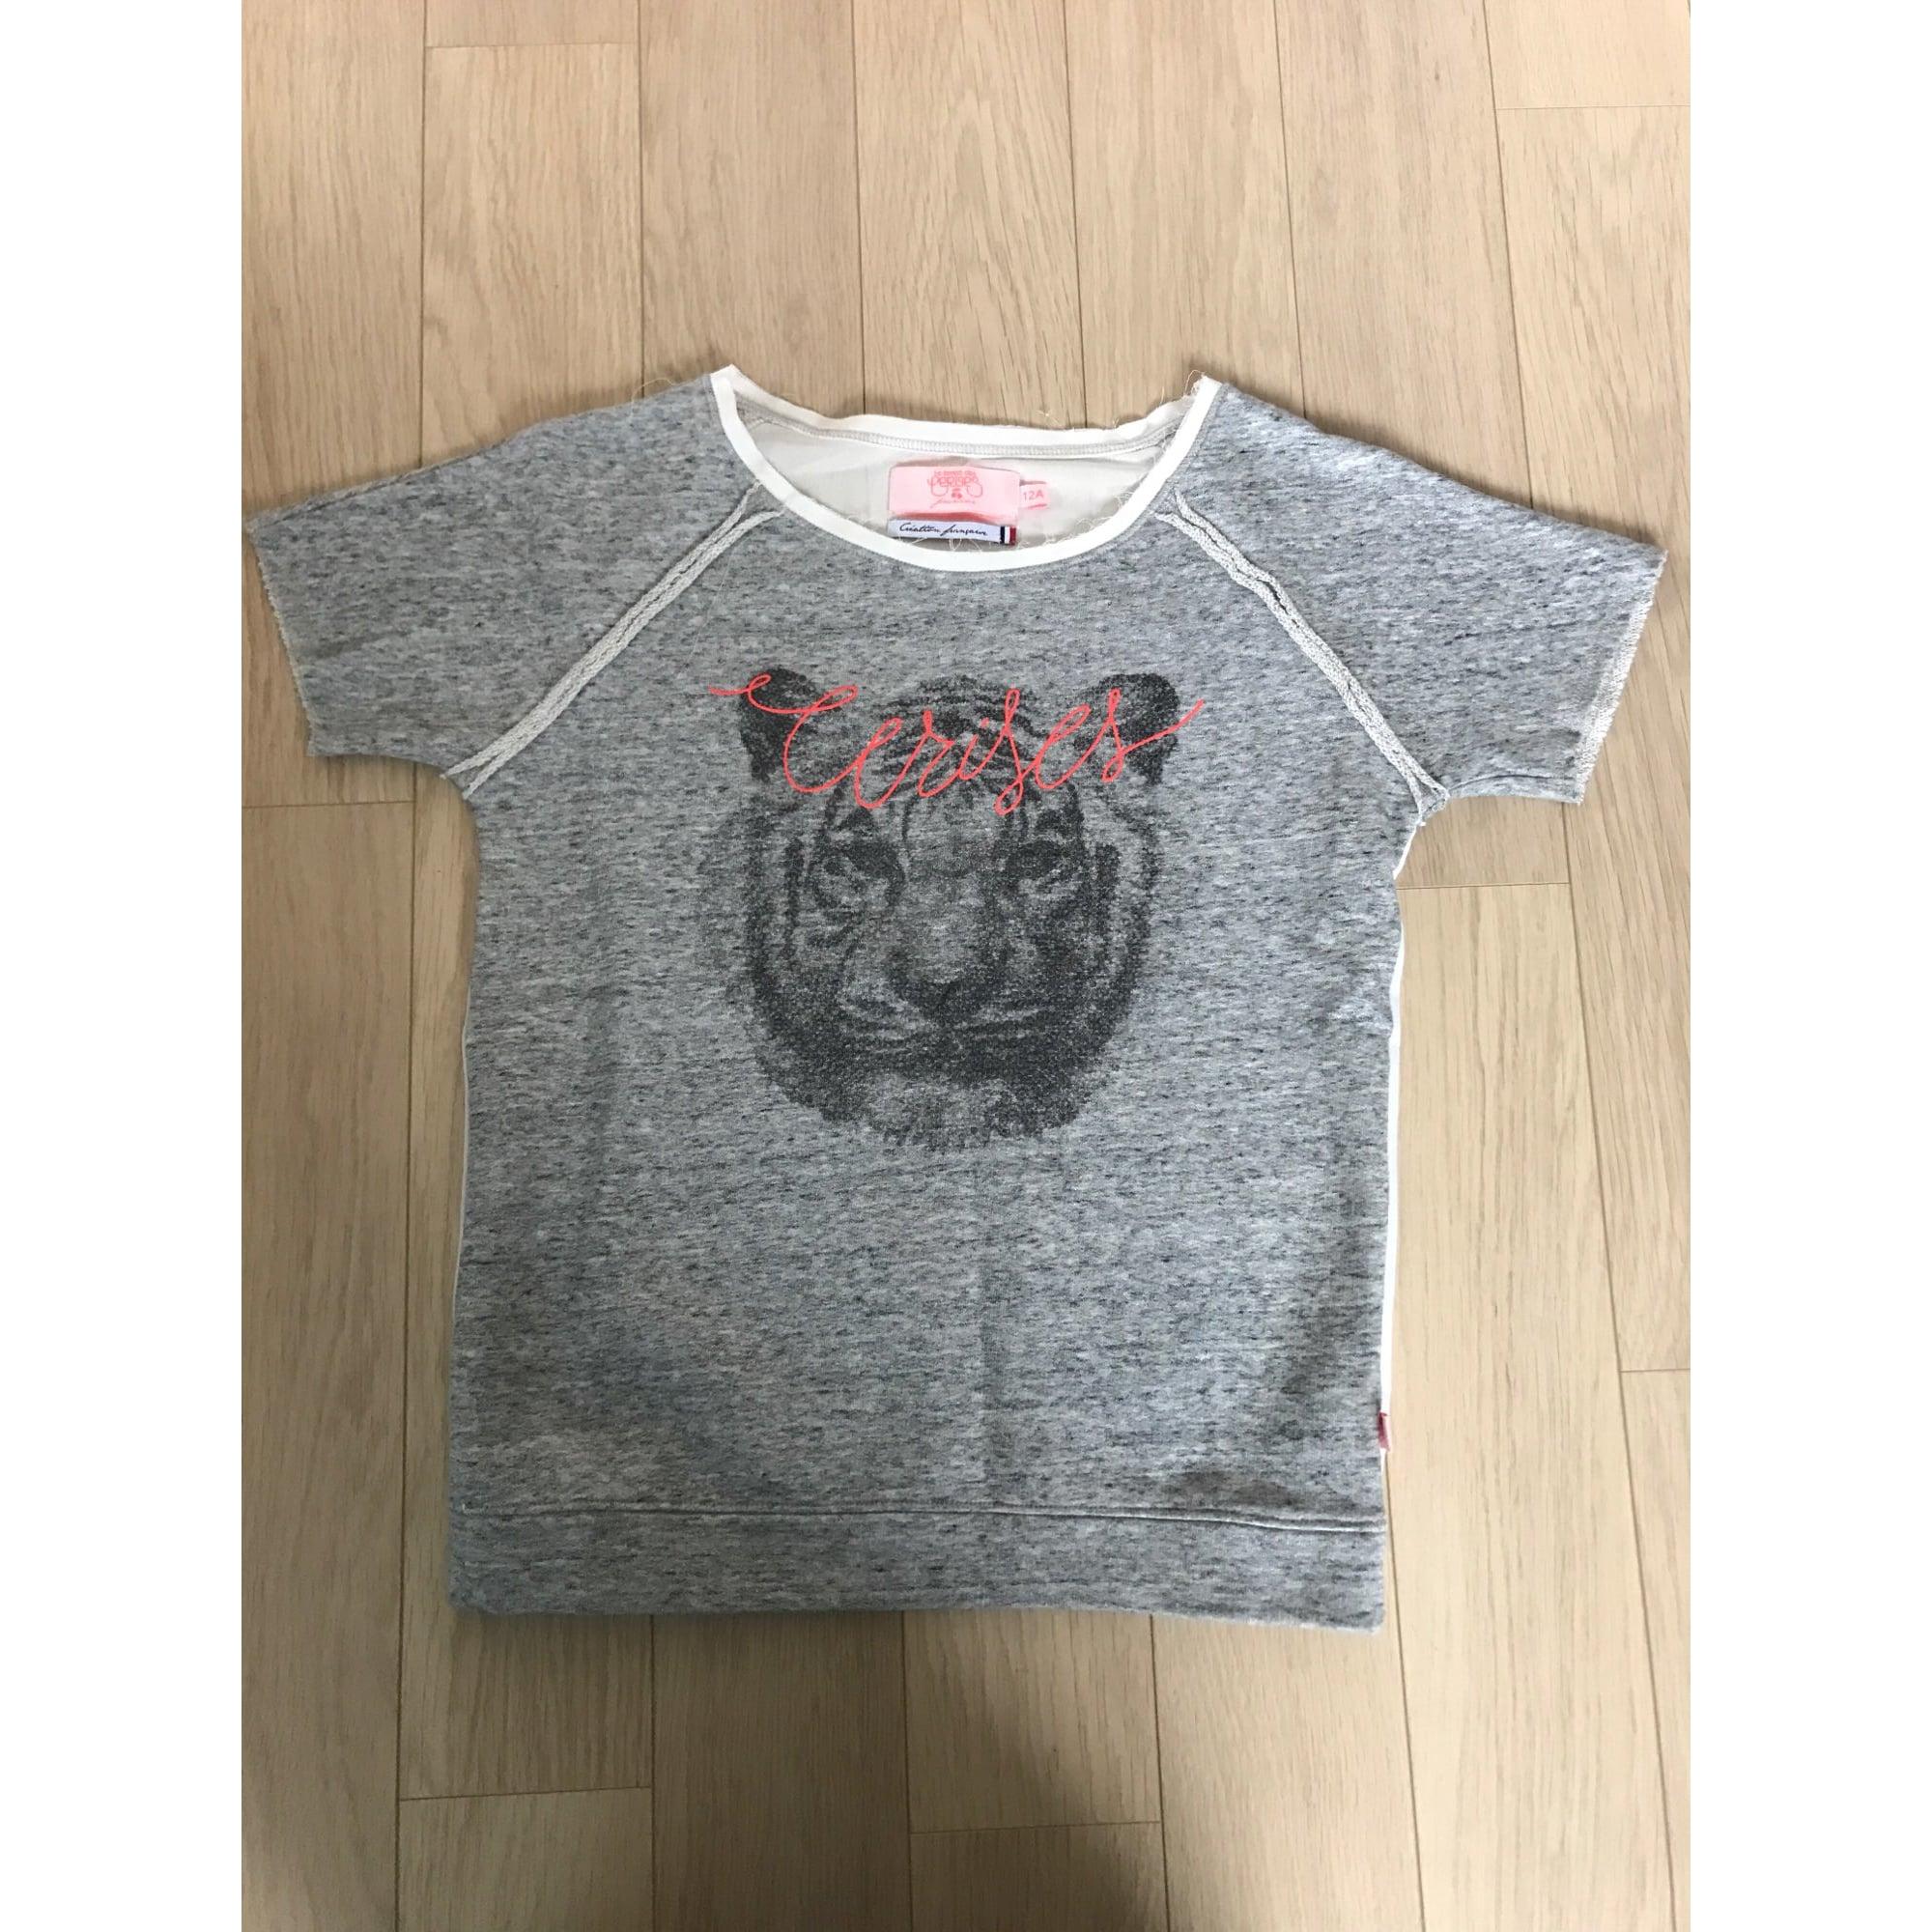 Top, Tee-shirt LE TEMPS DES CERISES coton gris 11-12 ans